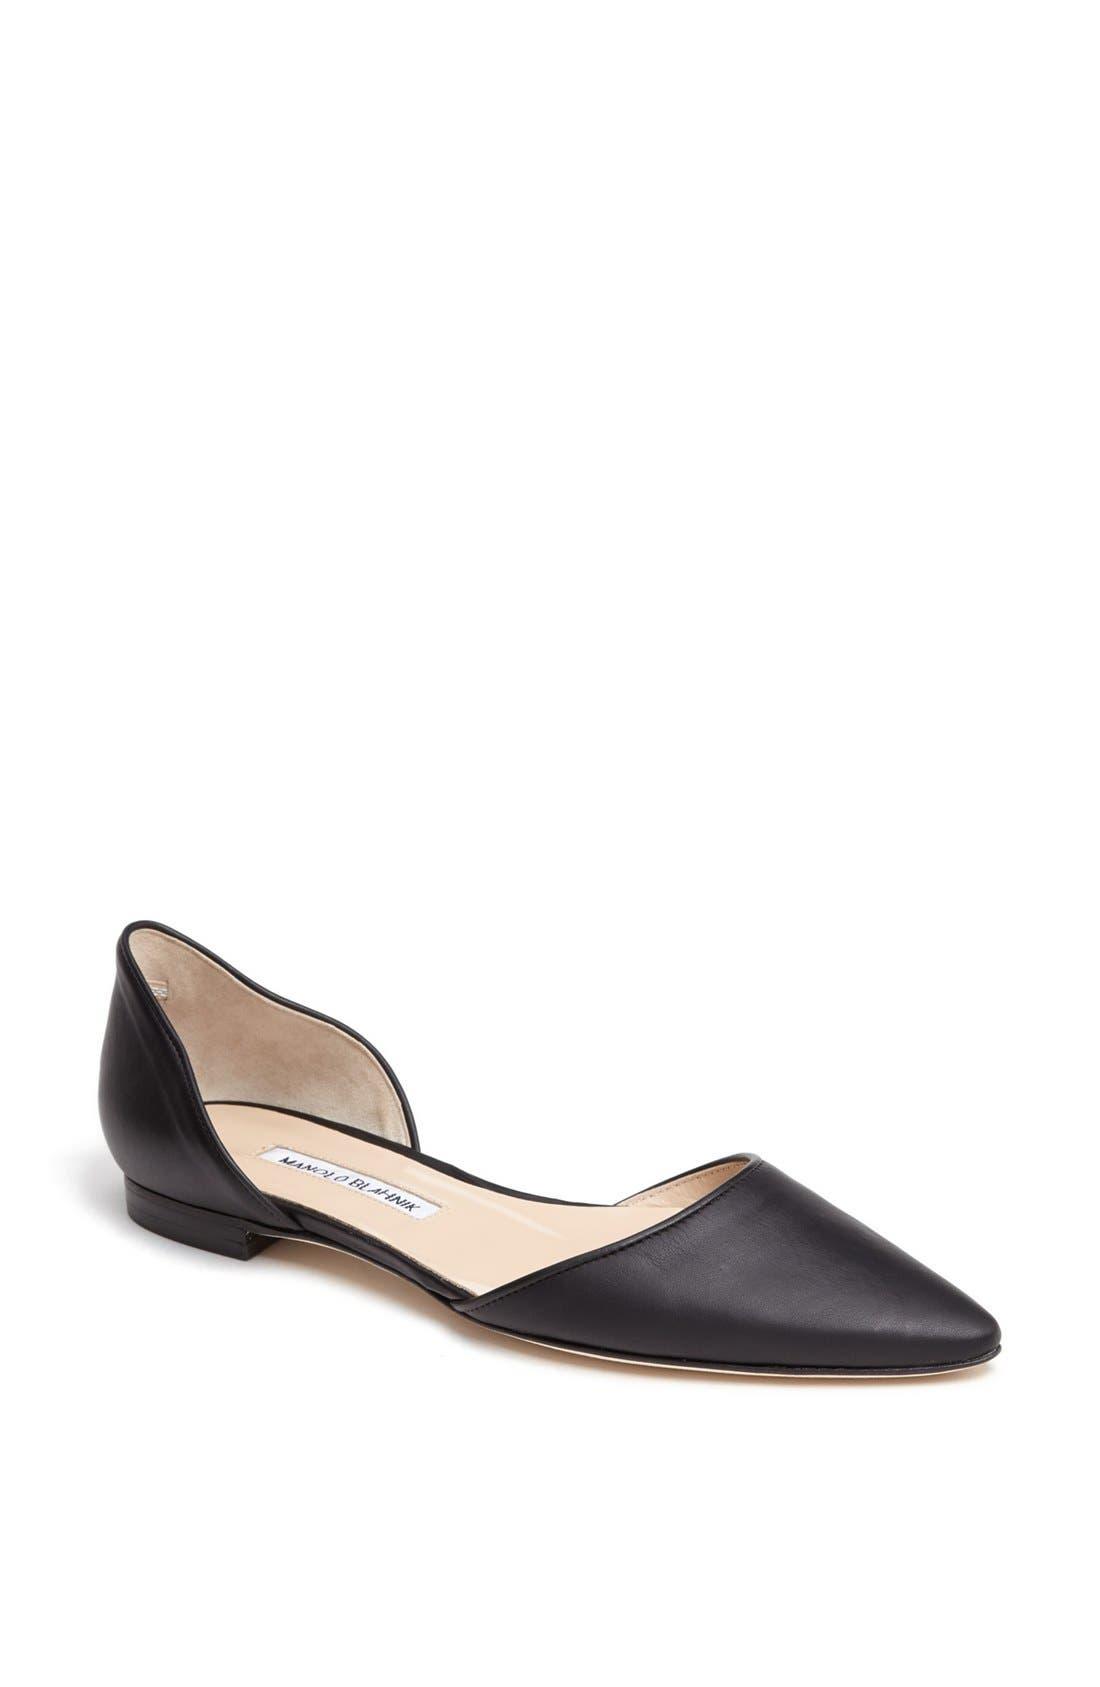 Main Image - Manolo Blahnik 'Soussaba' Leather Pointed Toe Flat